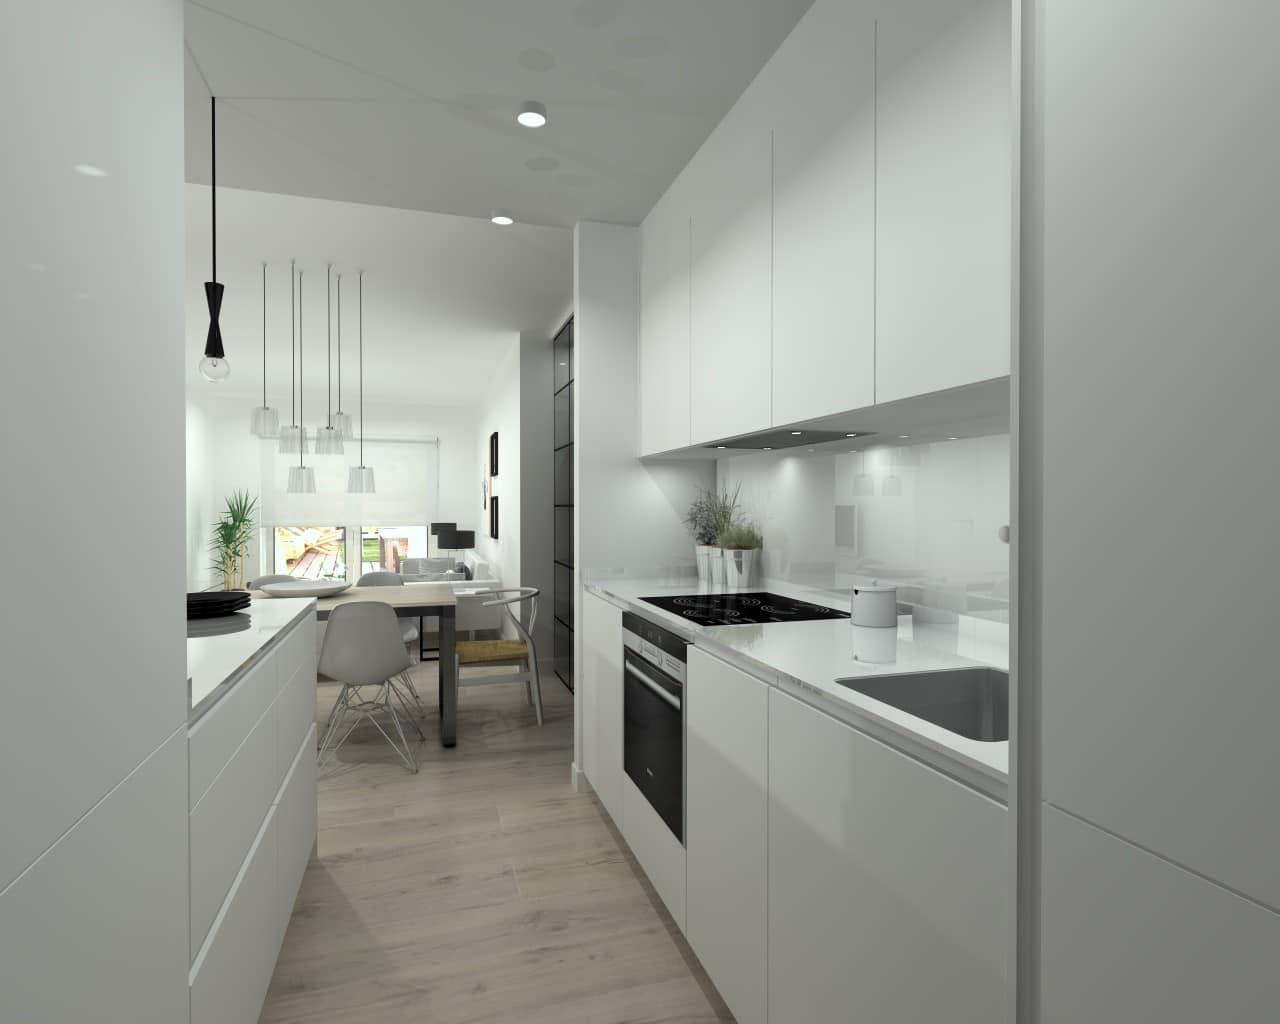 Cocina abierta en apartamento peque o estudio cocinas dc for Pintura a color cocina abierta